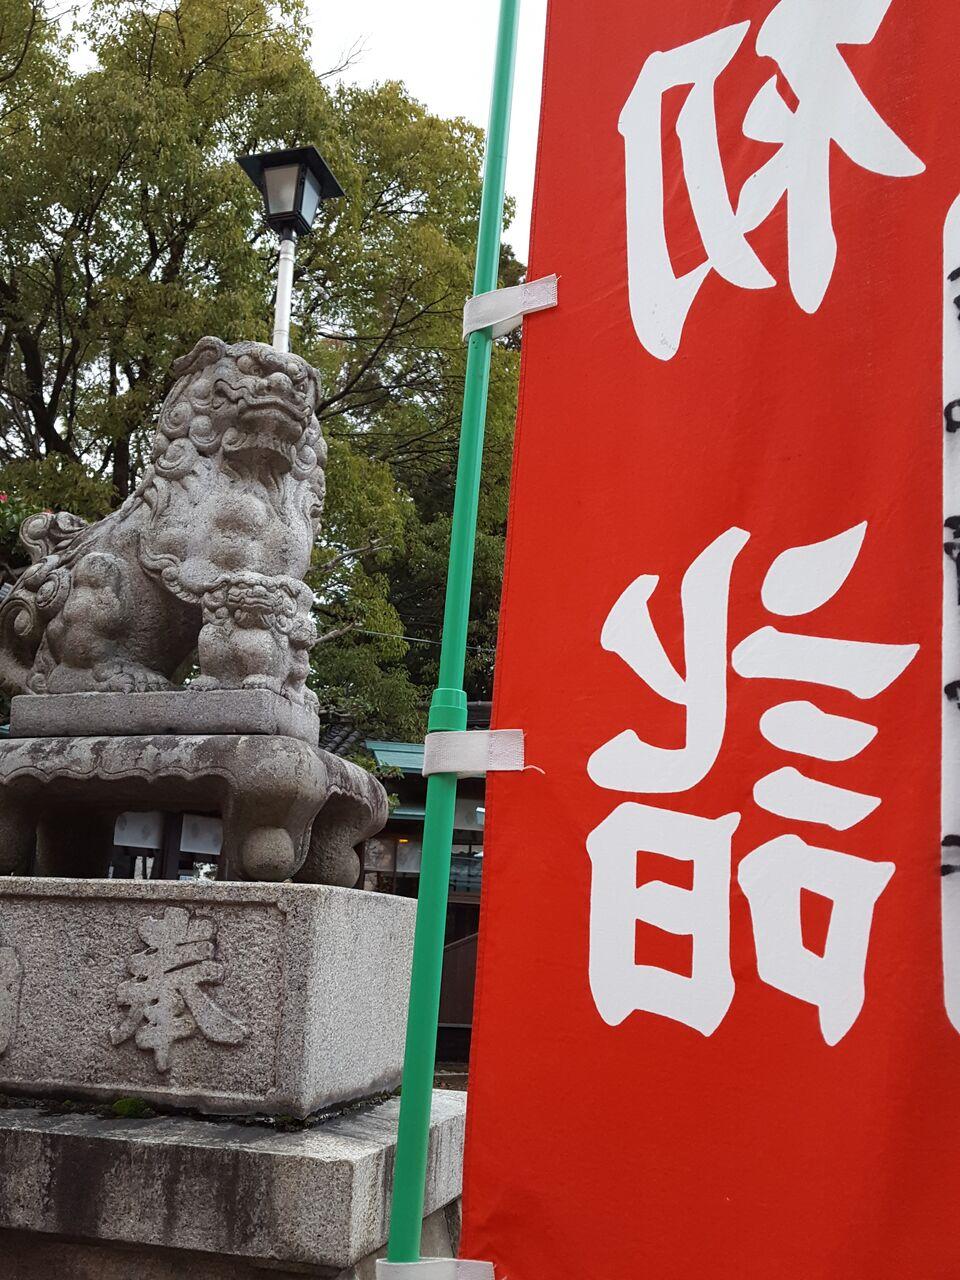 阿吽の呼吸で初参り客を迎える〝ア〟と〝ウン〟の狛犬二体=いずれも古知野平和神社境内にて 撮影・たかのぶ